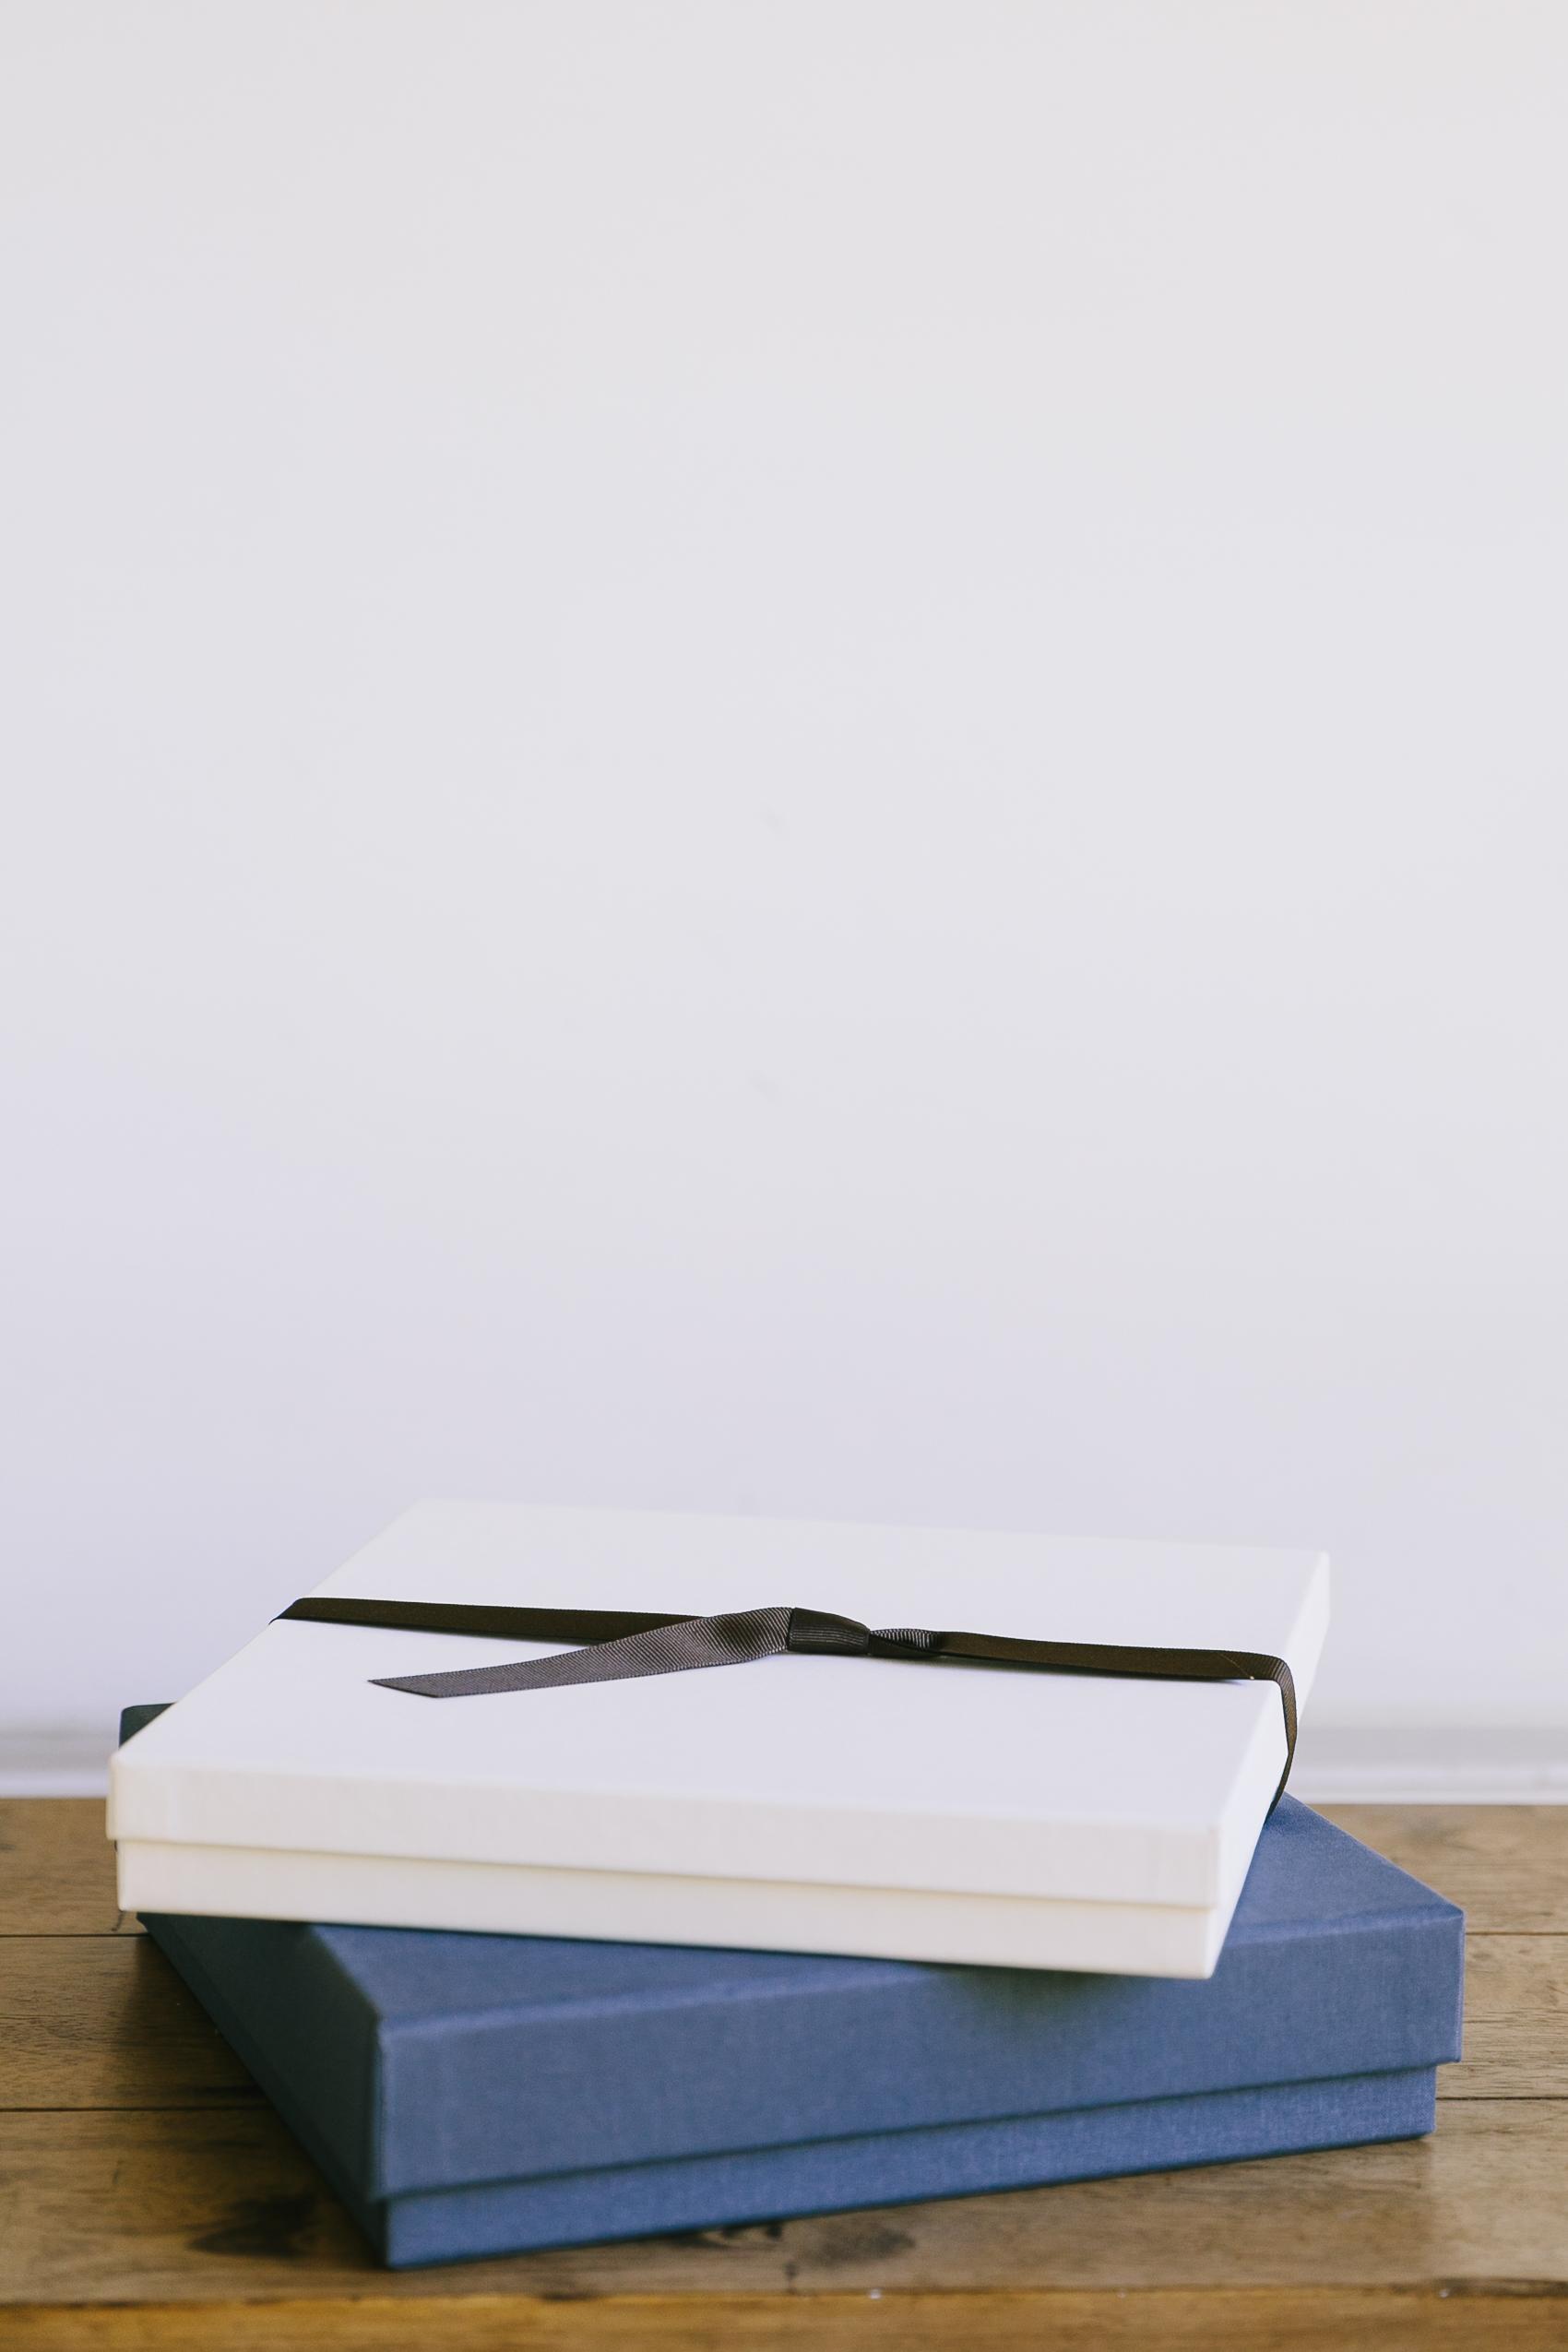 Books2019-0004.jpg